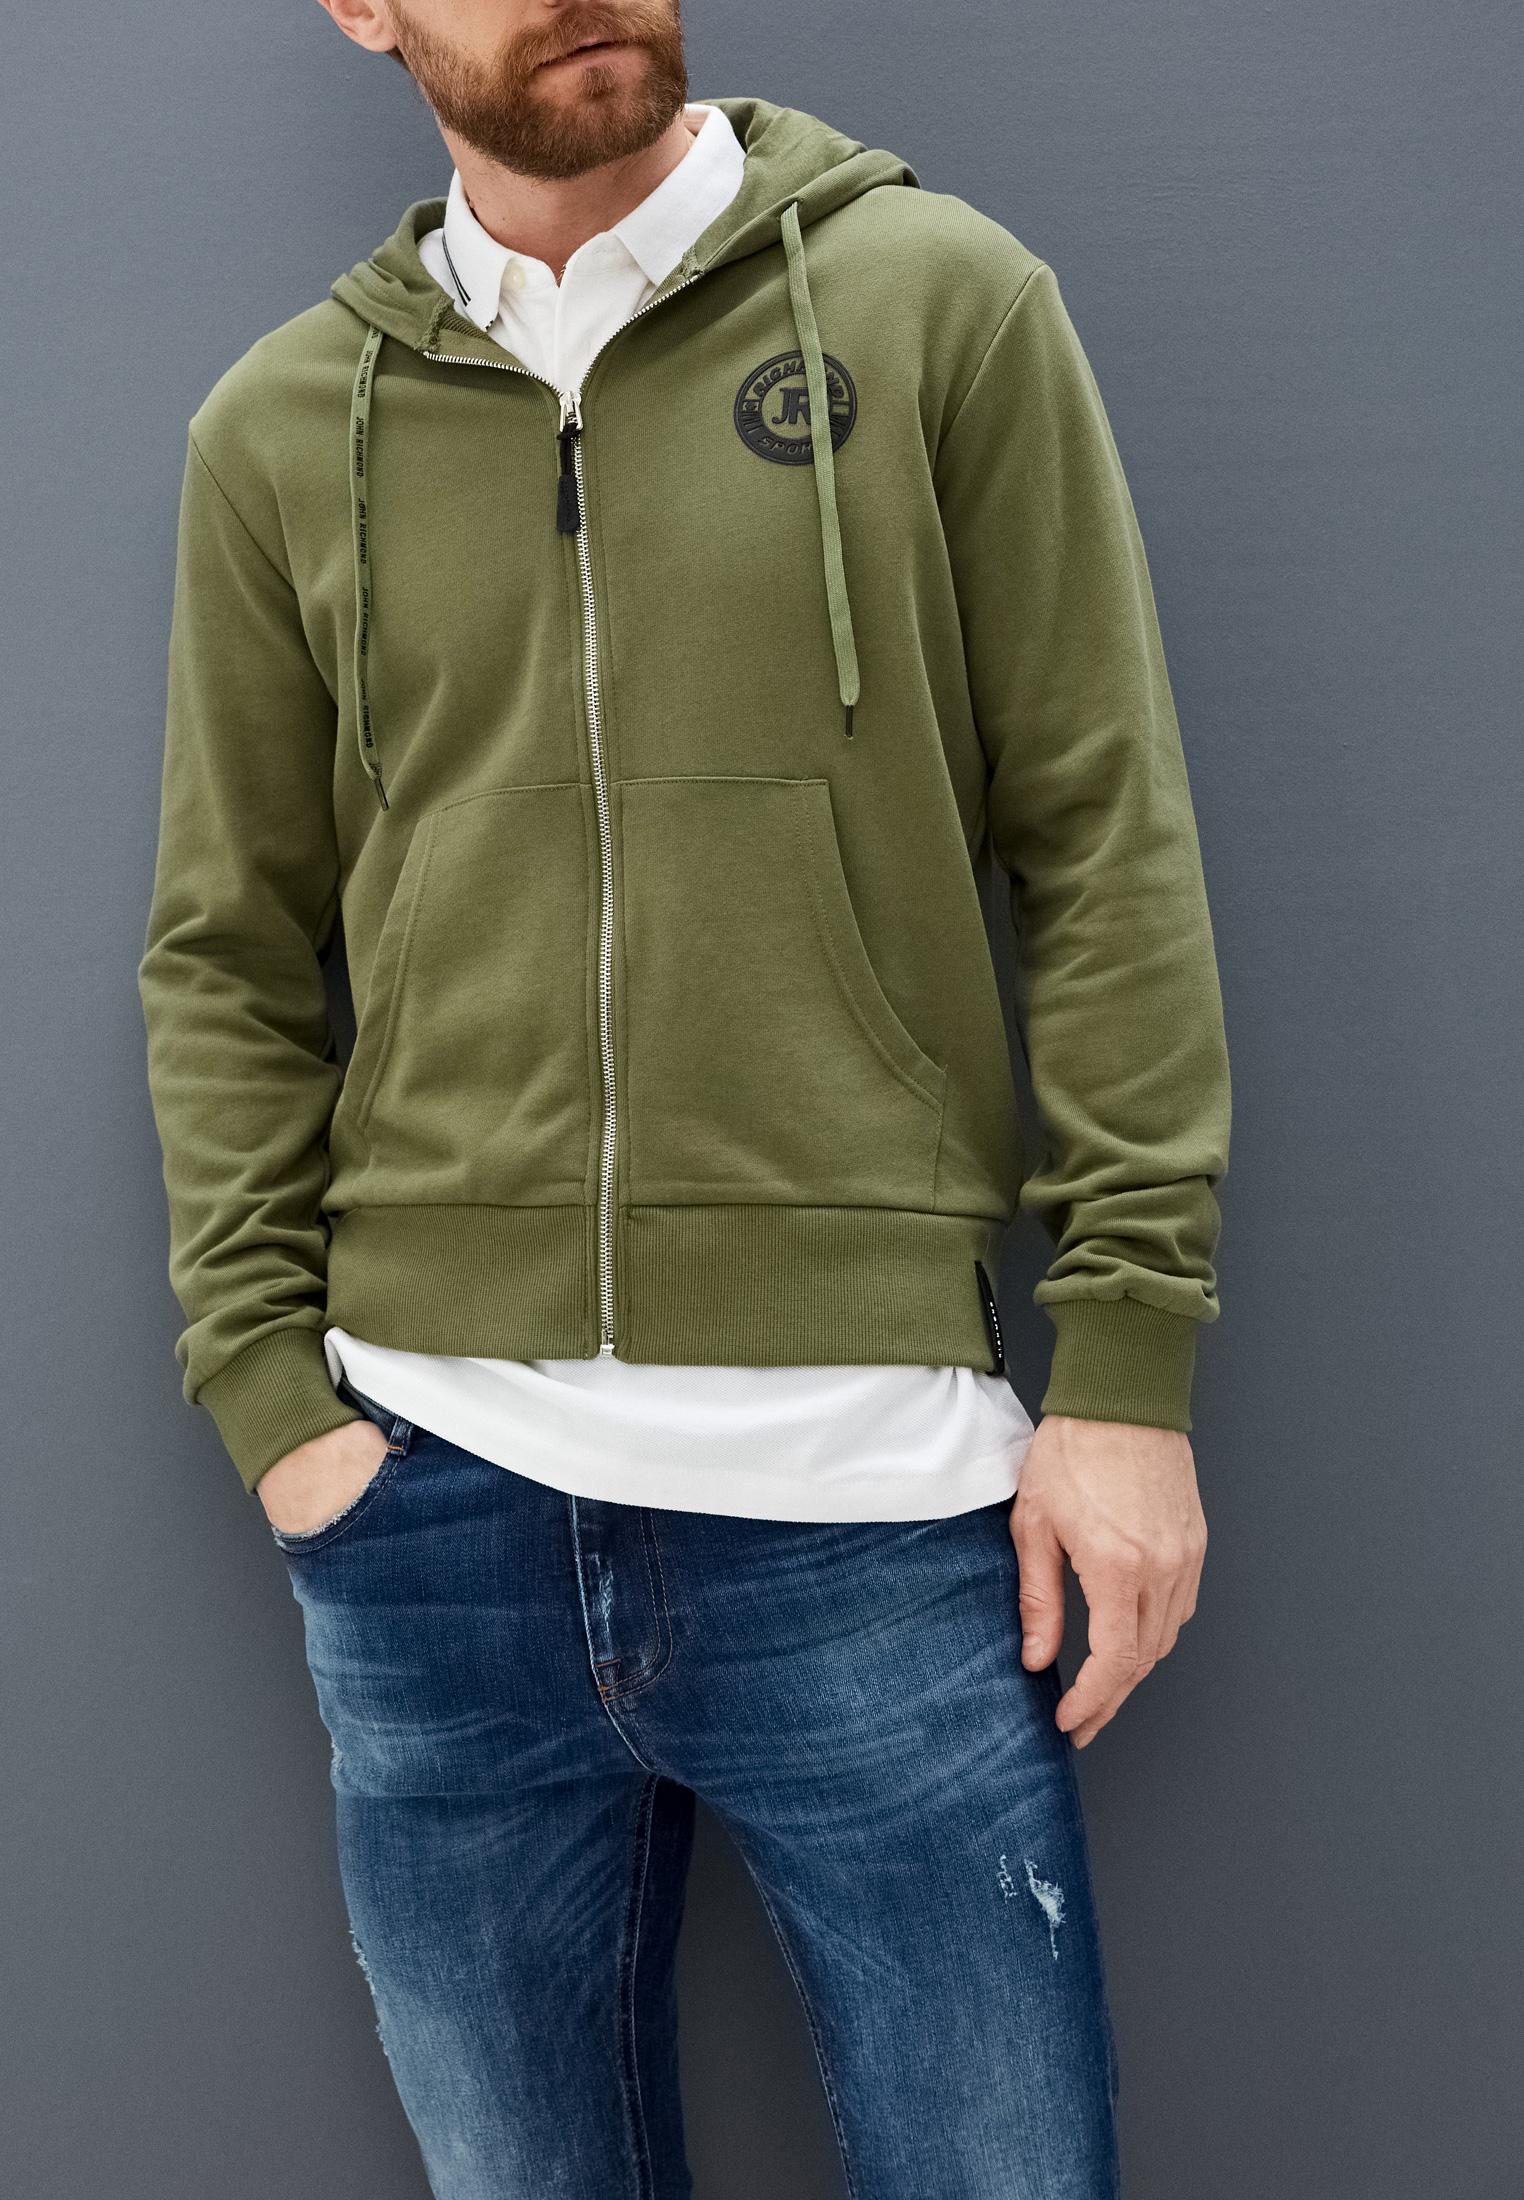 Мужские зауженные джинсы Bikkembergs (Биккембергс) C Q 101 00 S 3181: изображение 2